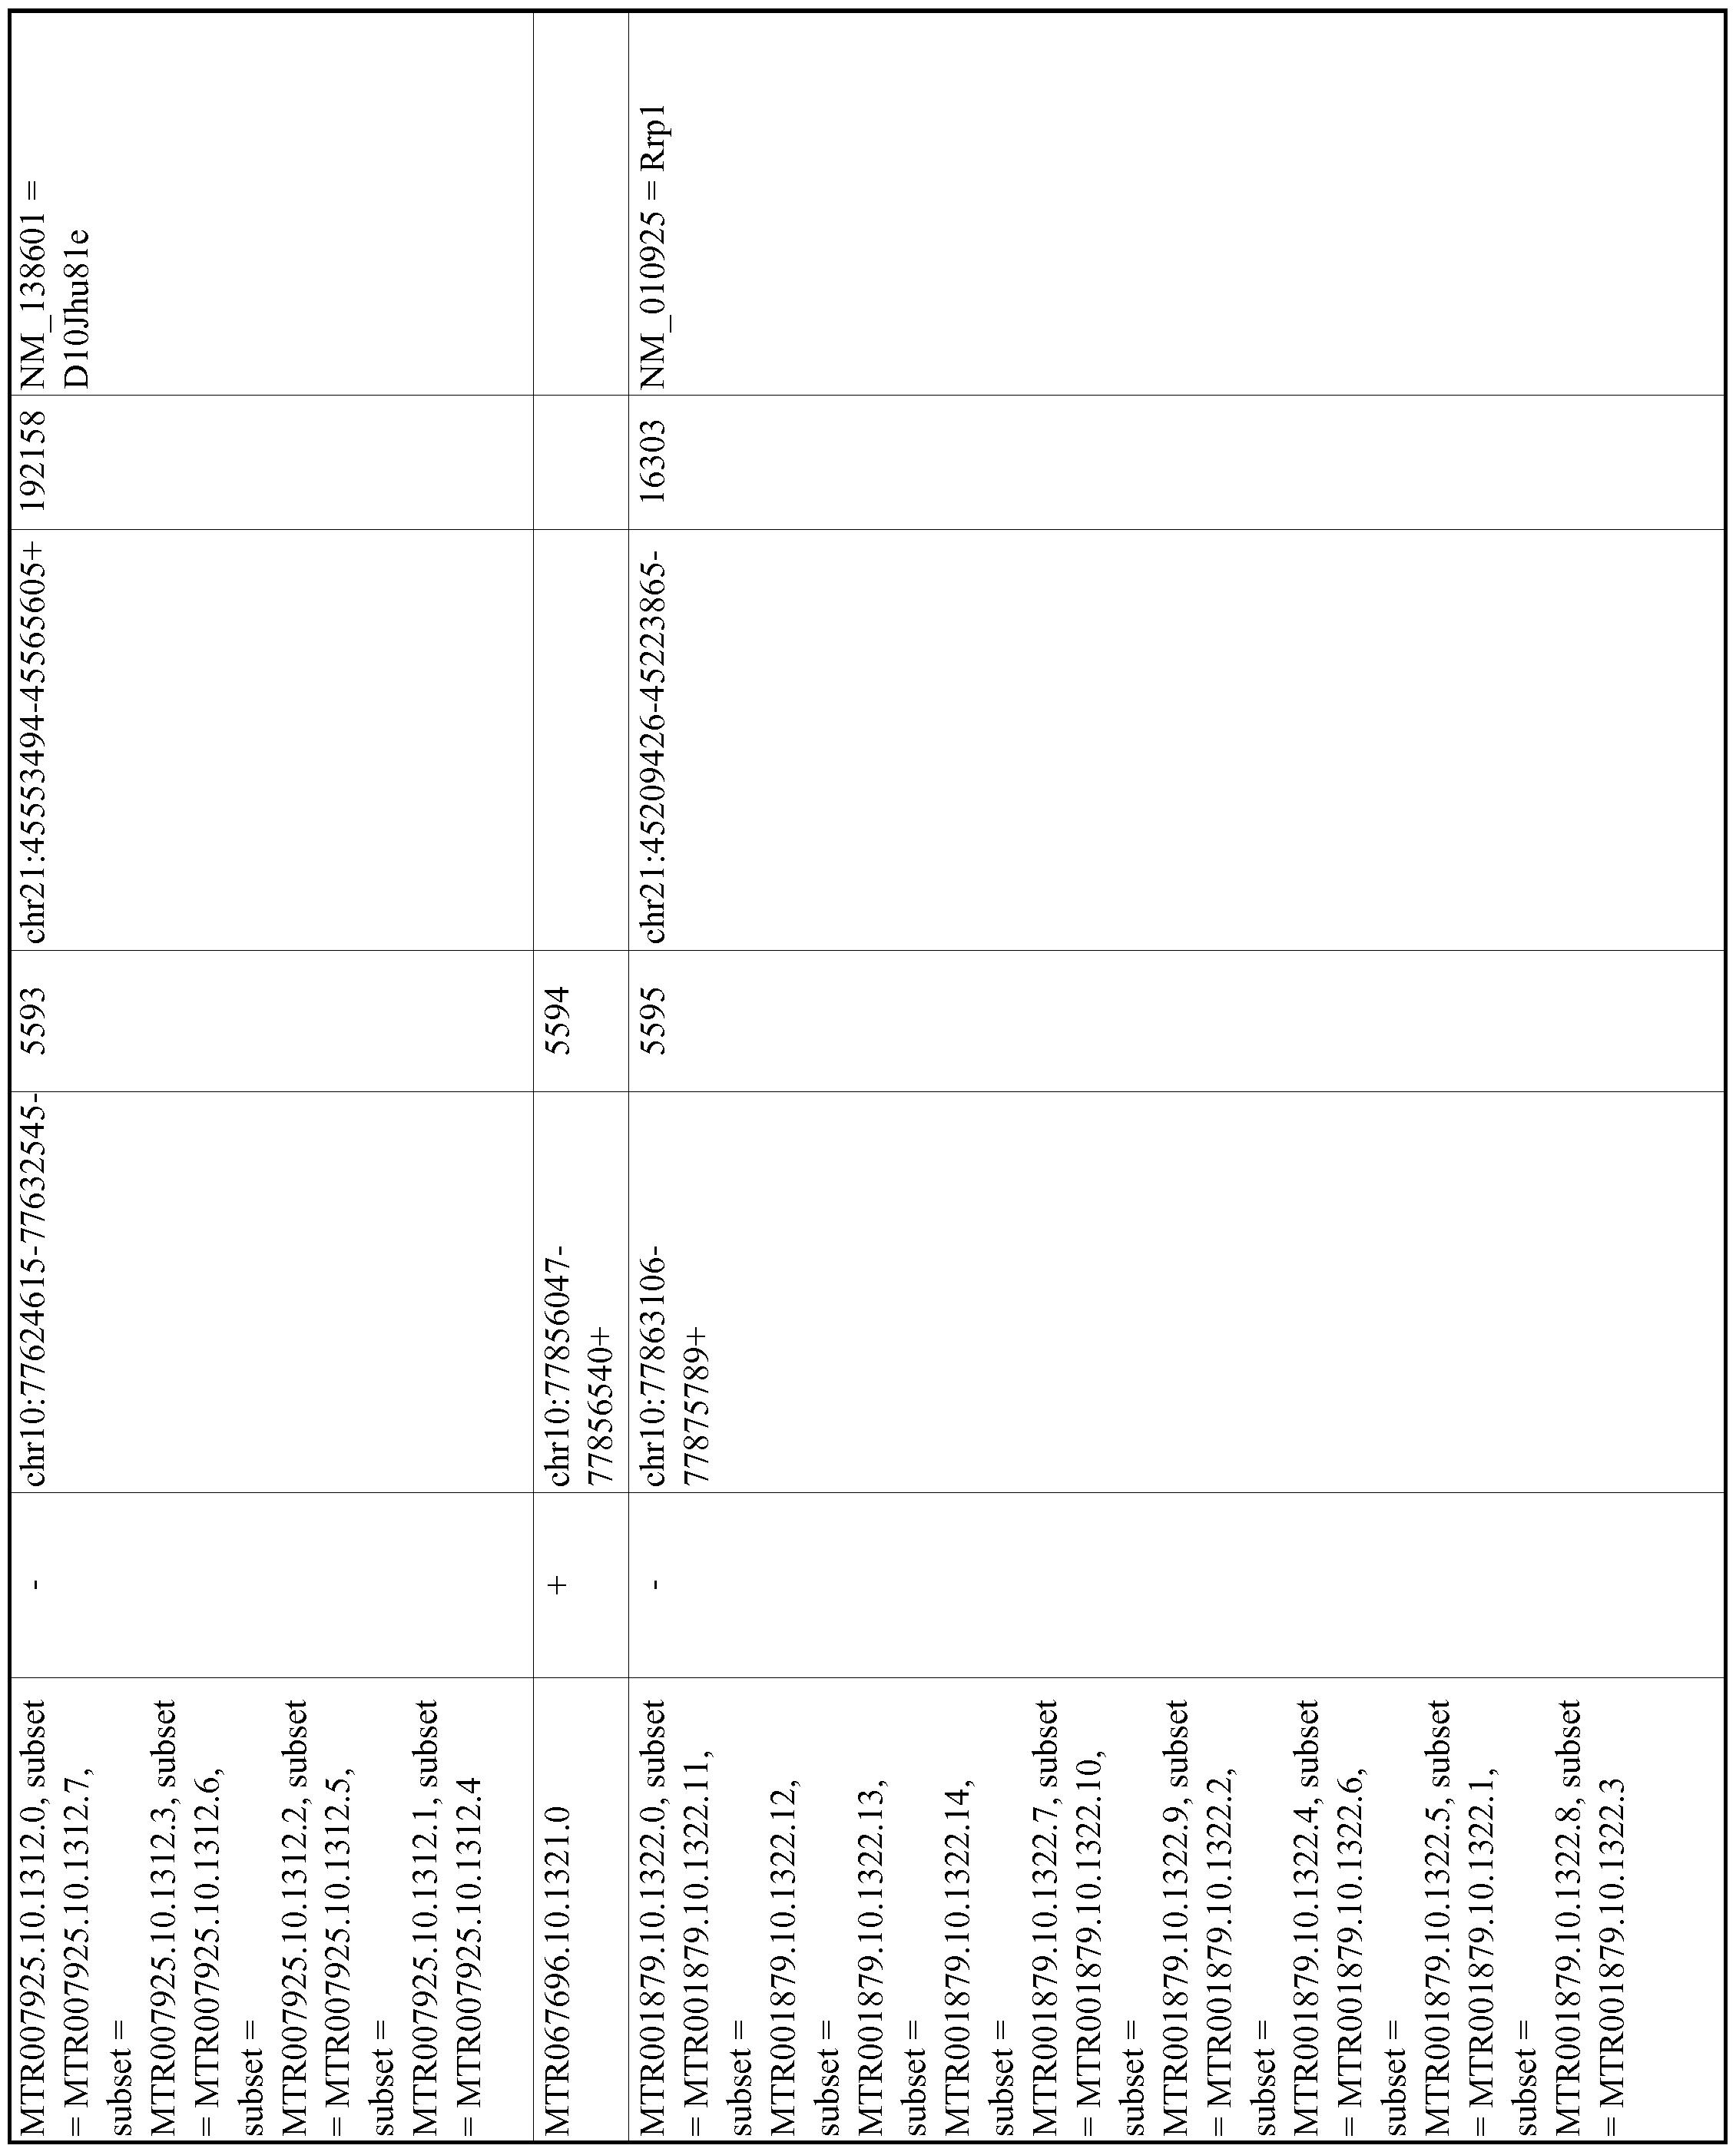 Figure imgf001004_0001